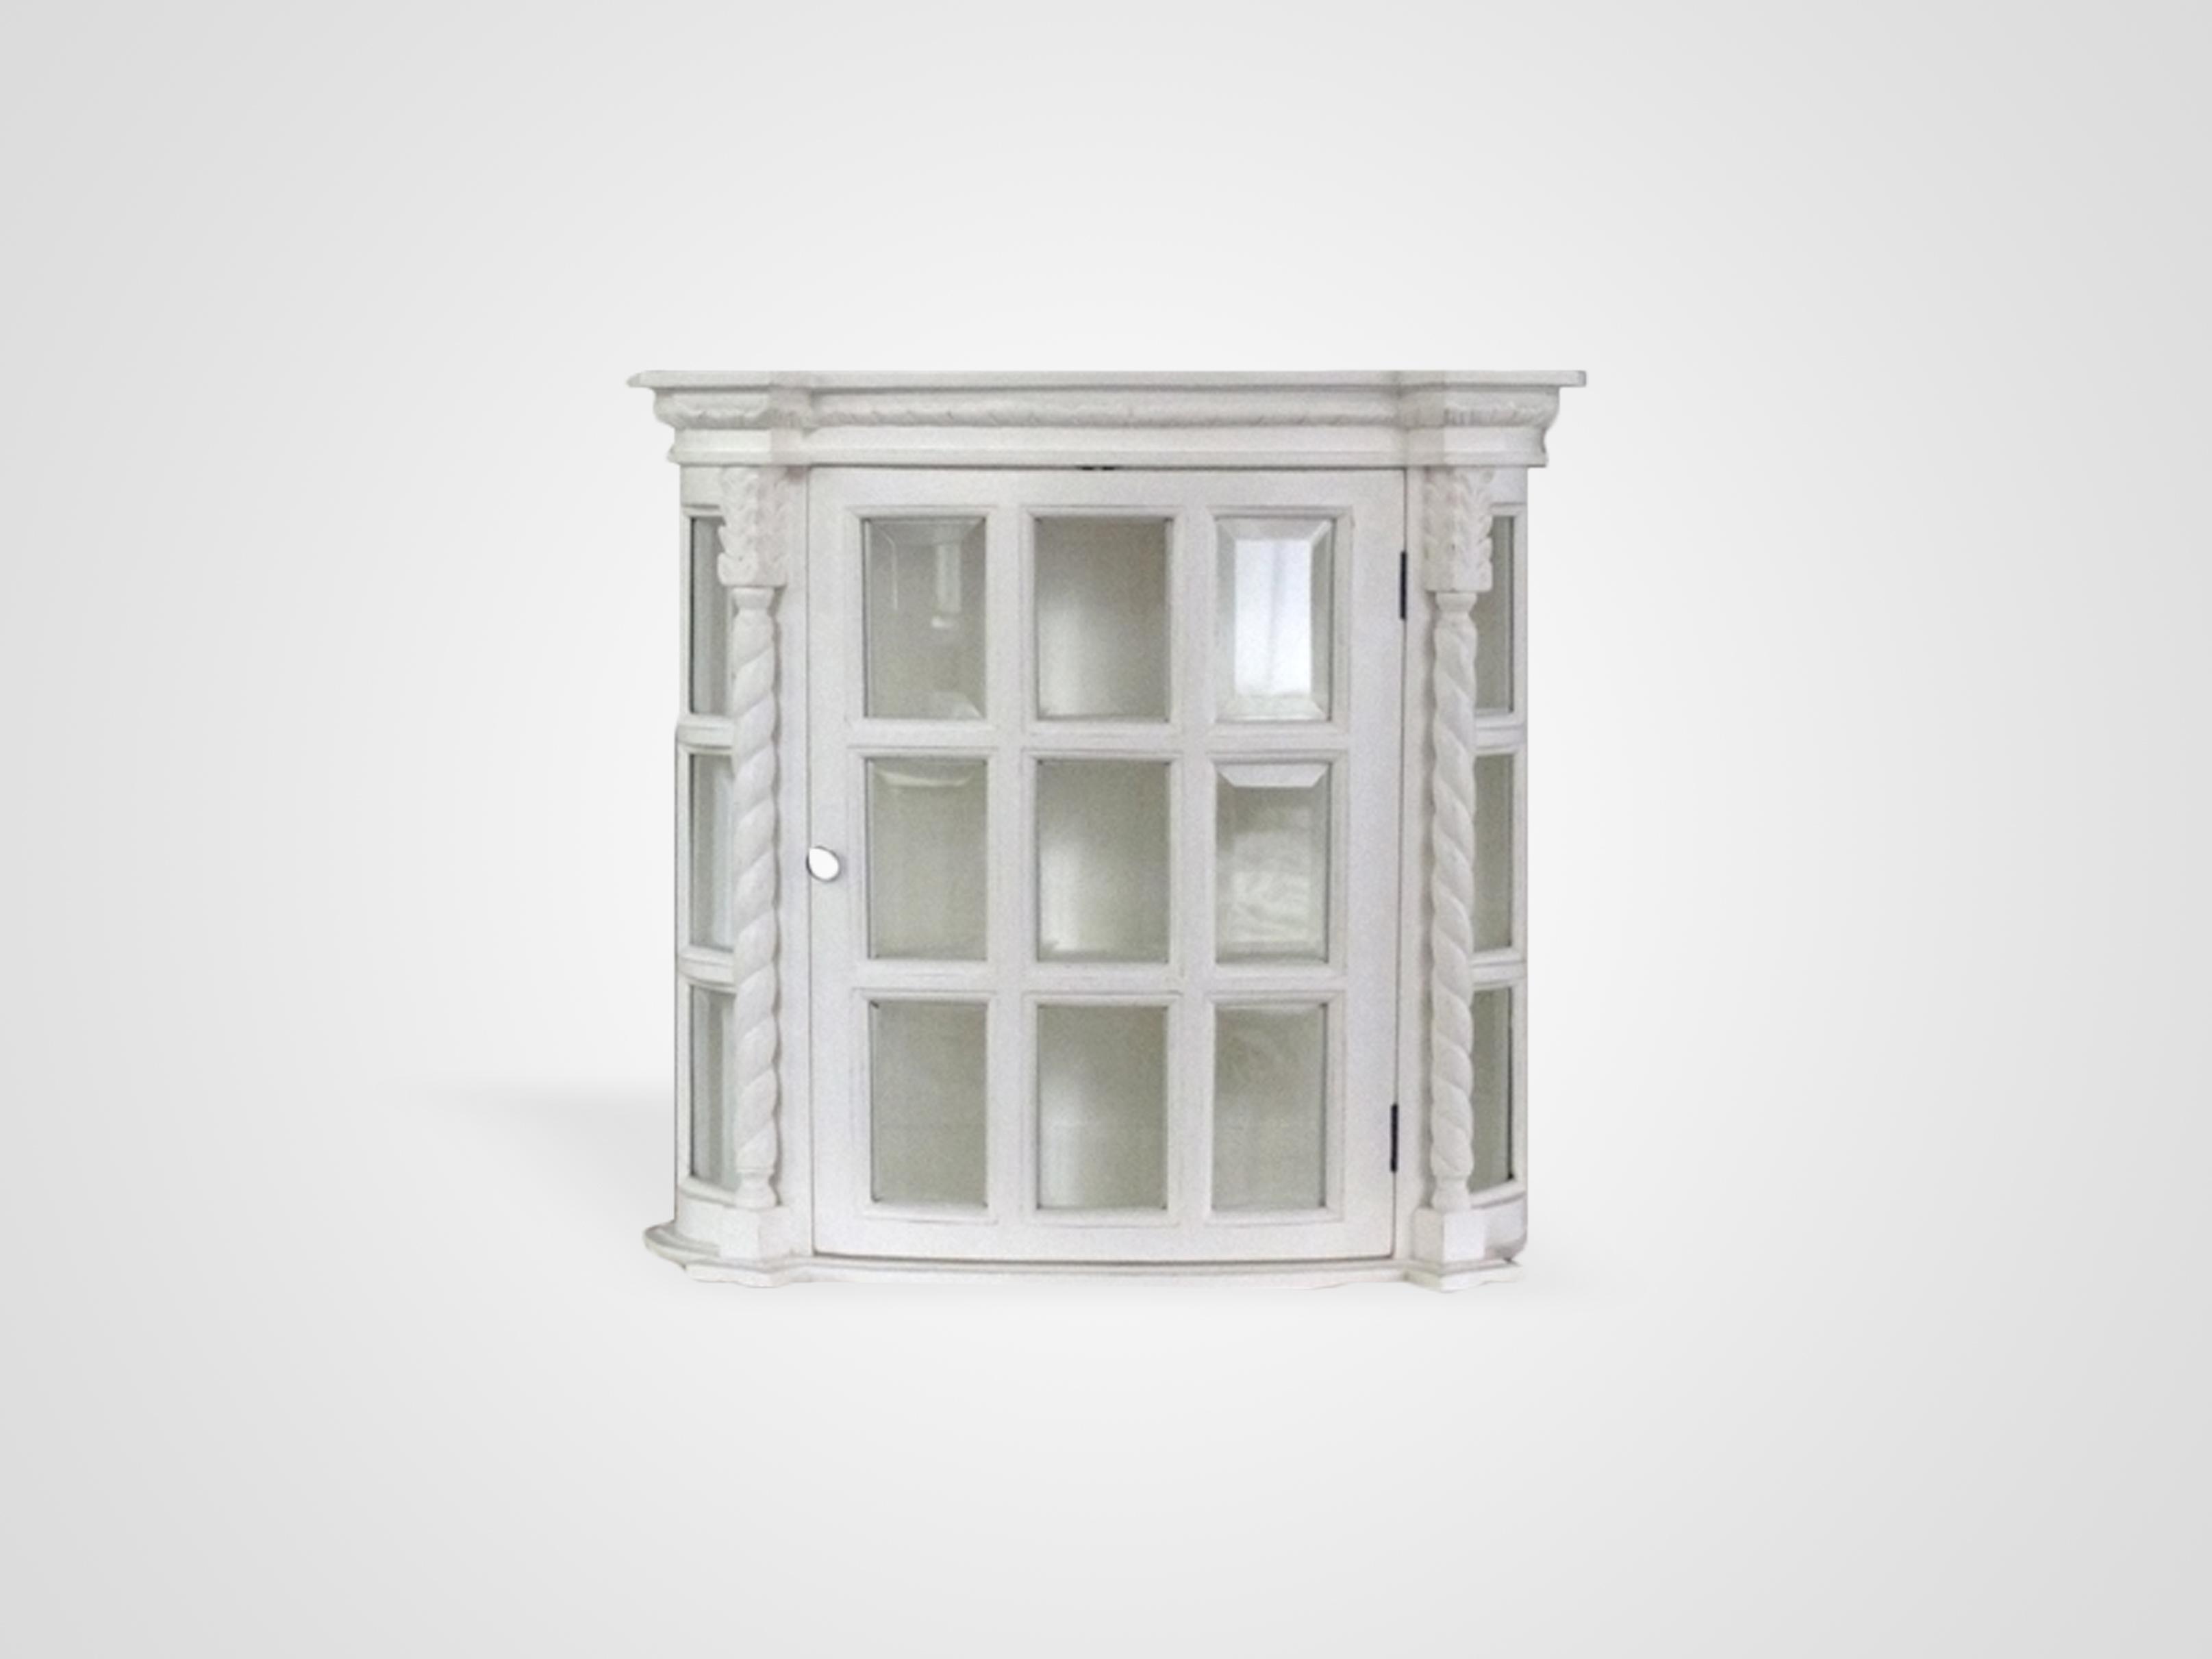 Витрина подвесная украшена резными элементами, inmyroom, Индонезия  - Купить